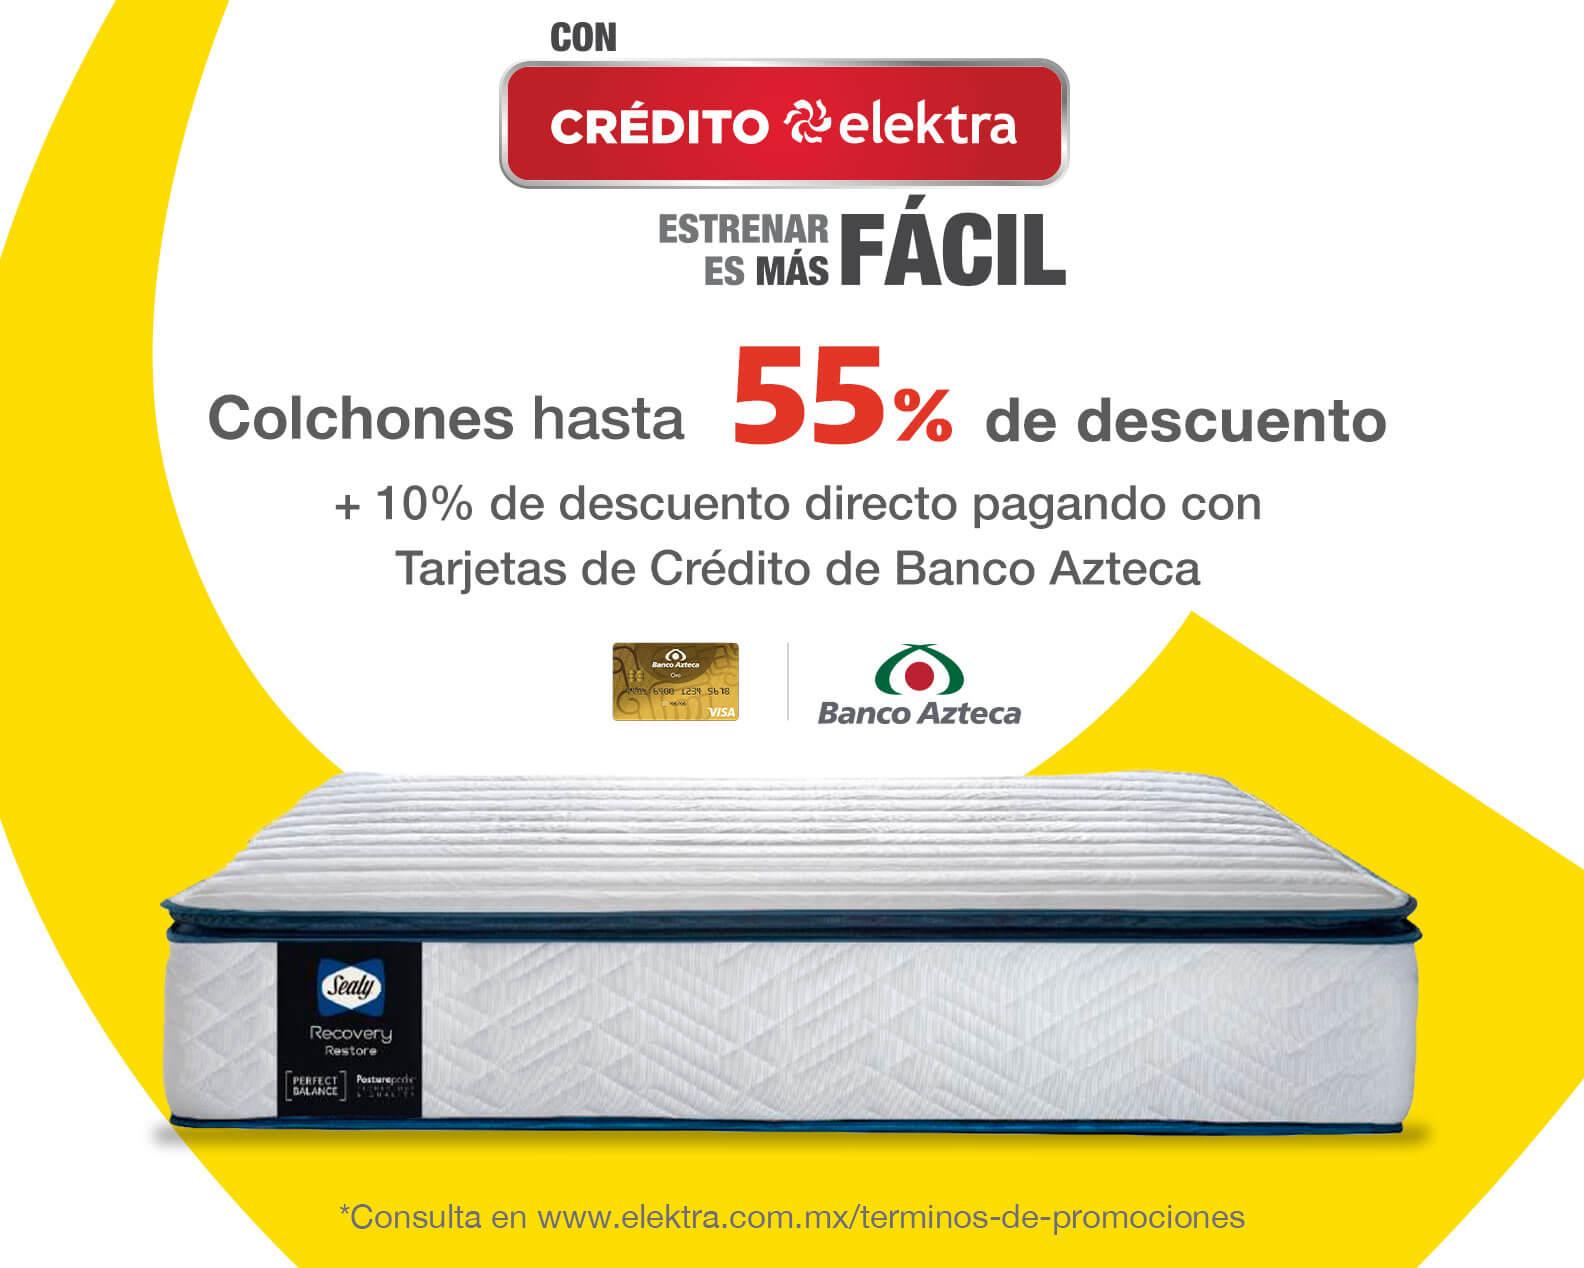 Ofertas en colchones con hasta 60% de descuento pagando con Tarjetas de Crédito de Banco Azteca